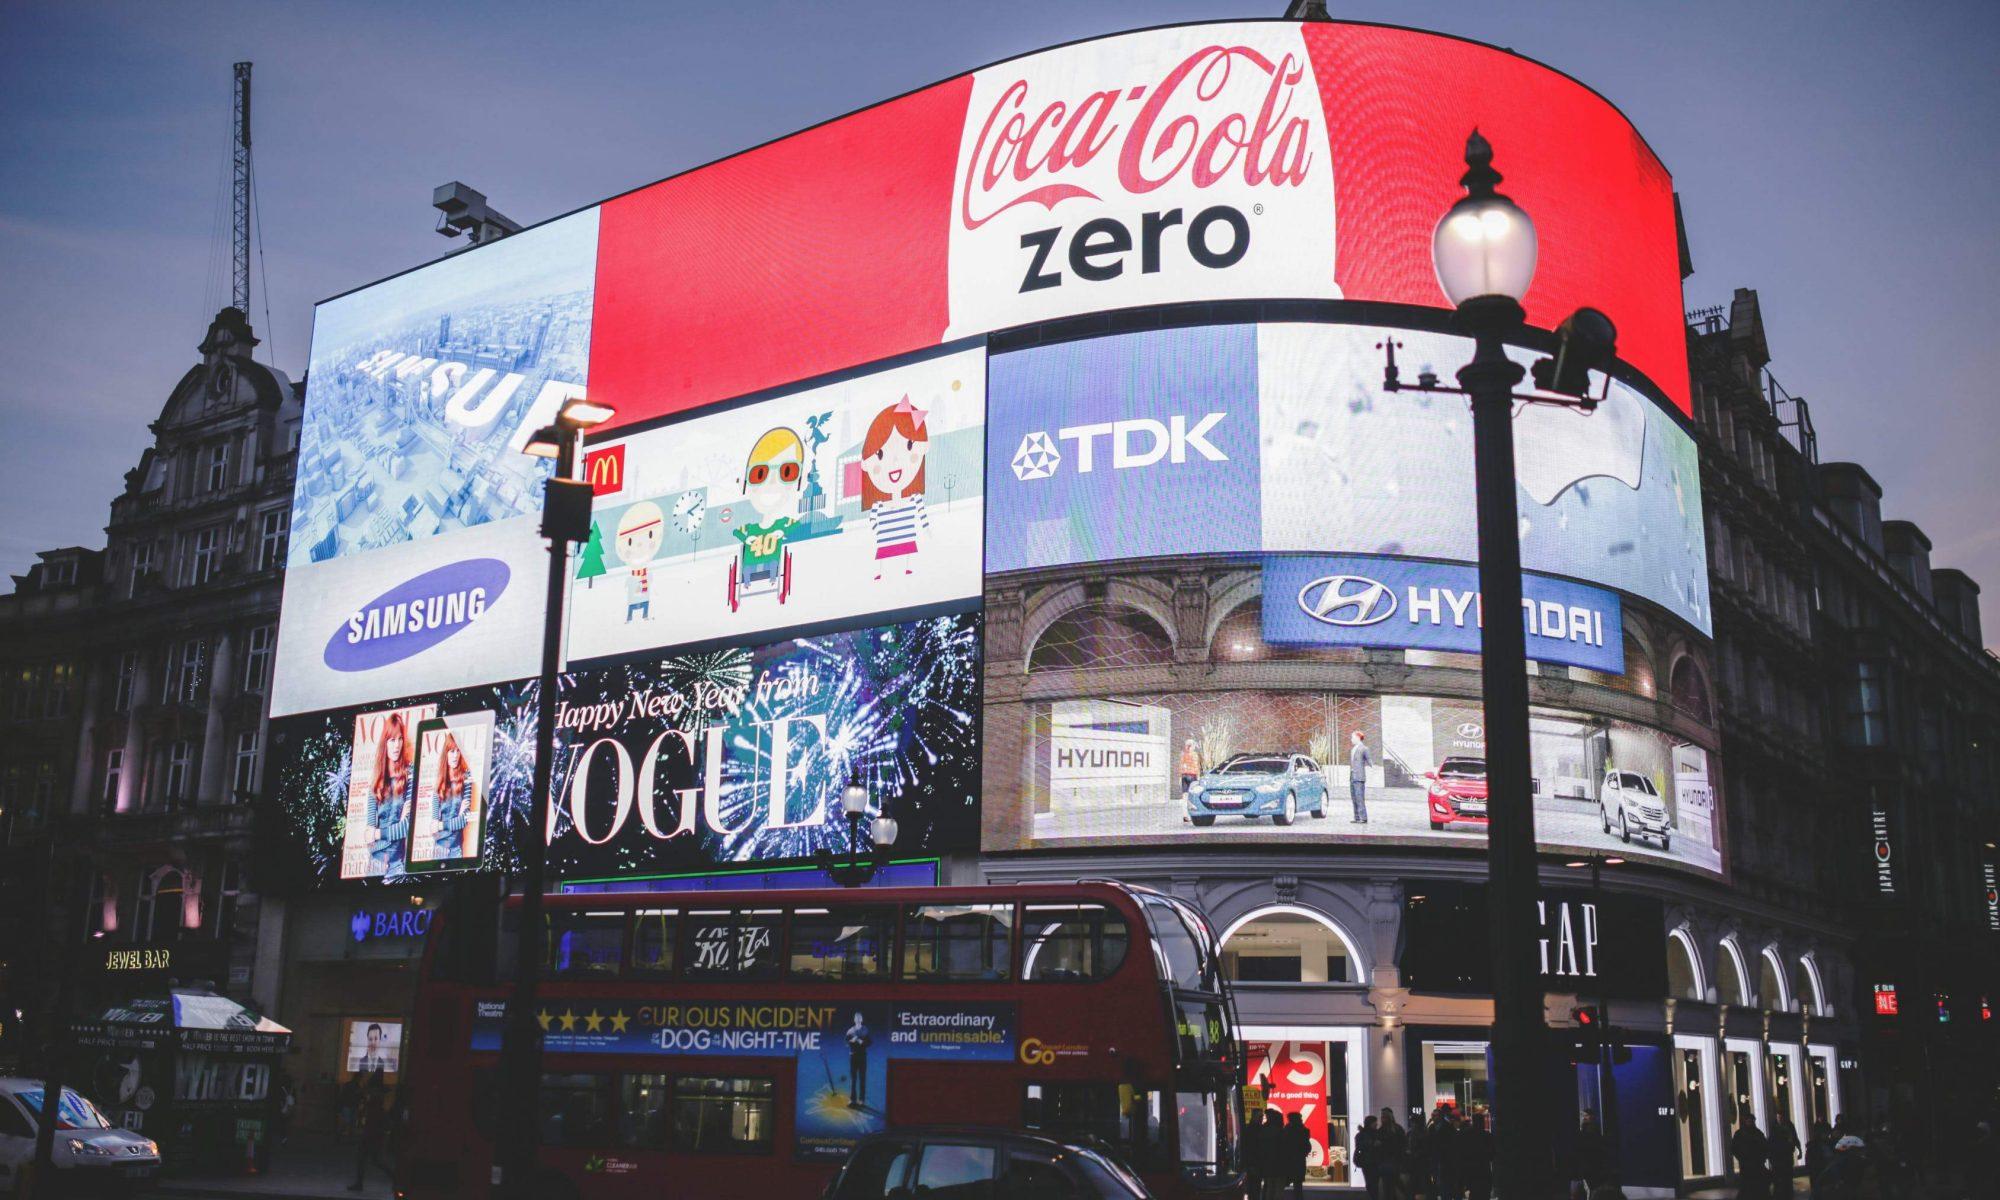 night-street-billboard